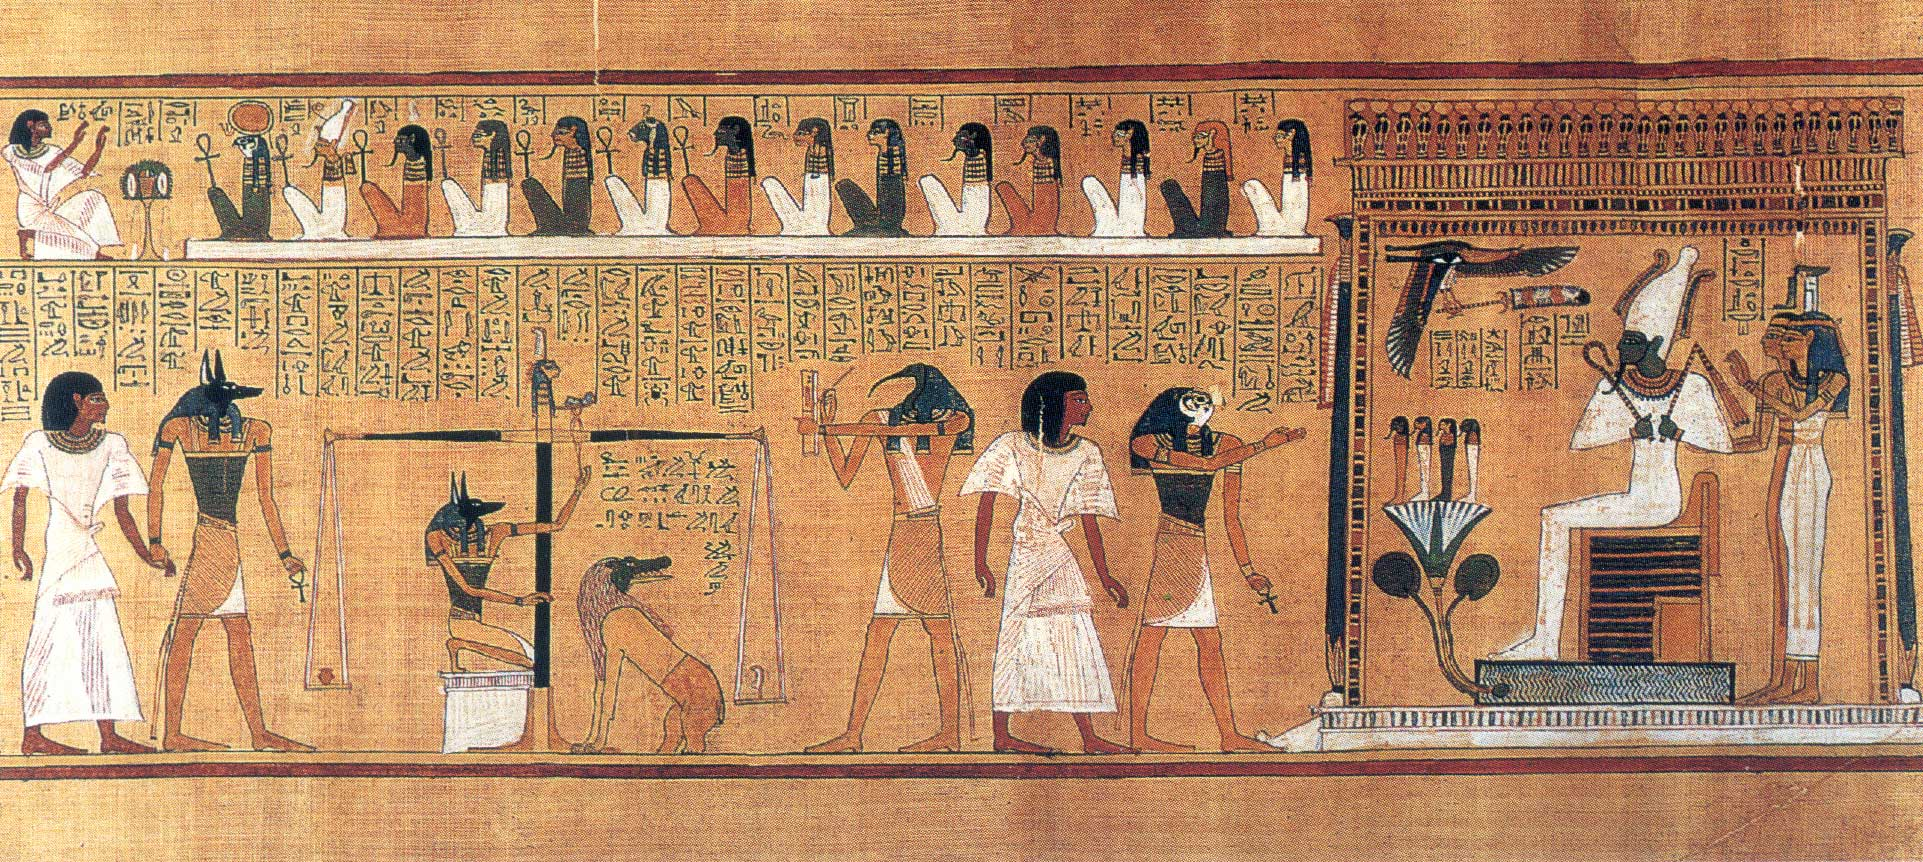 Articol Cartea lui Thoth, cea mai veche carte interzisă - Tehnologie pentru viață